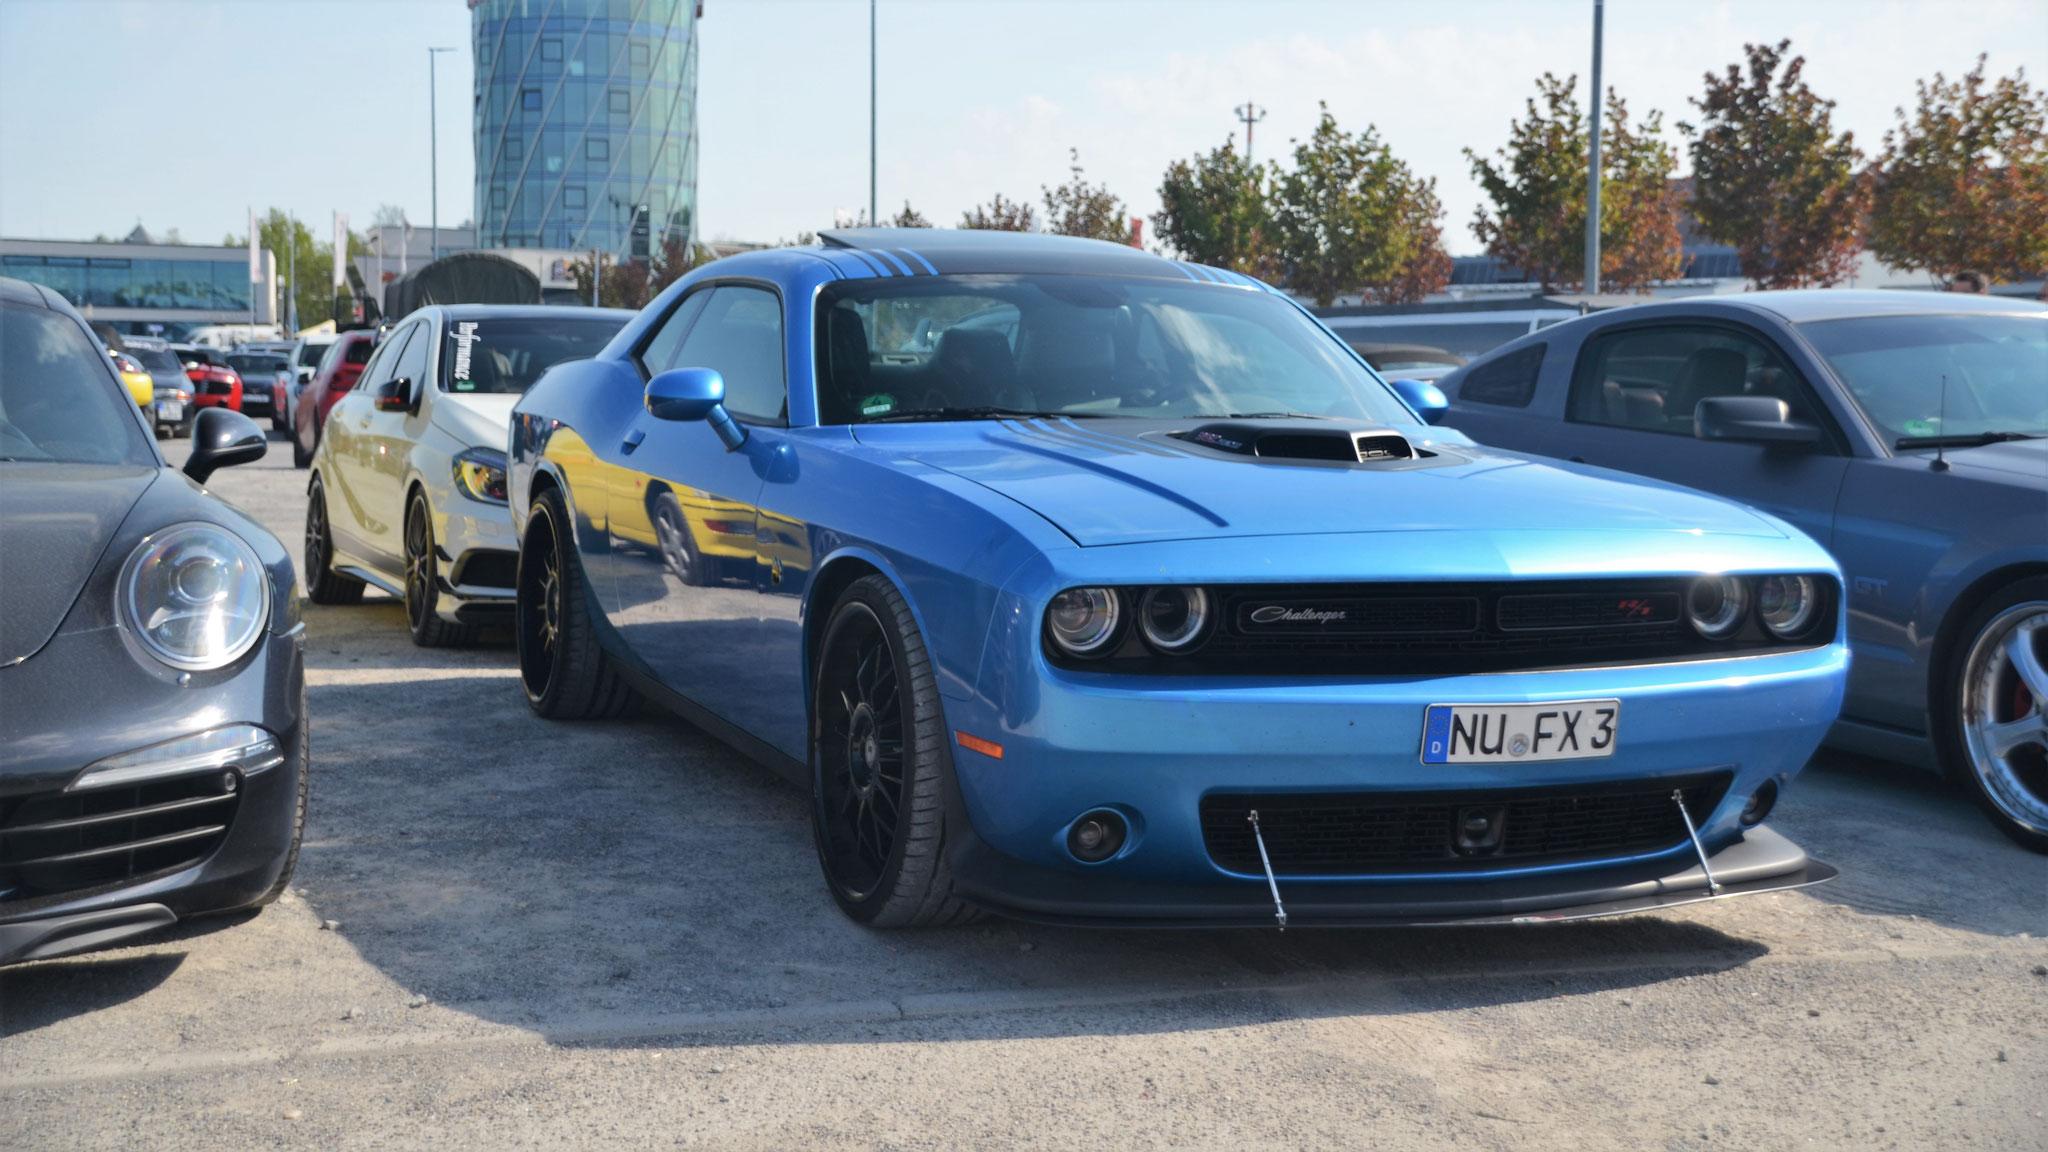 Dodge Challenger R/T - NU-FX-3